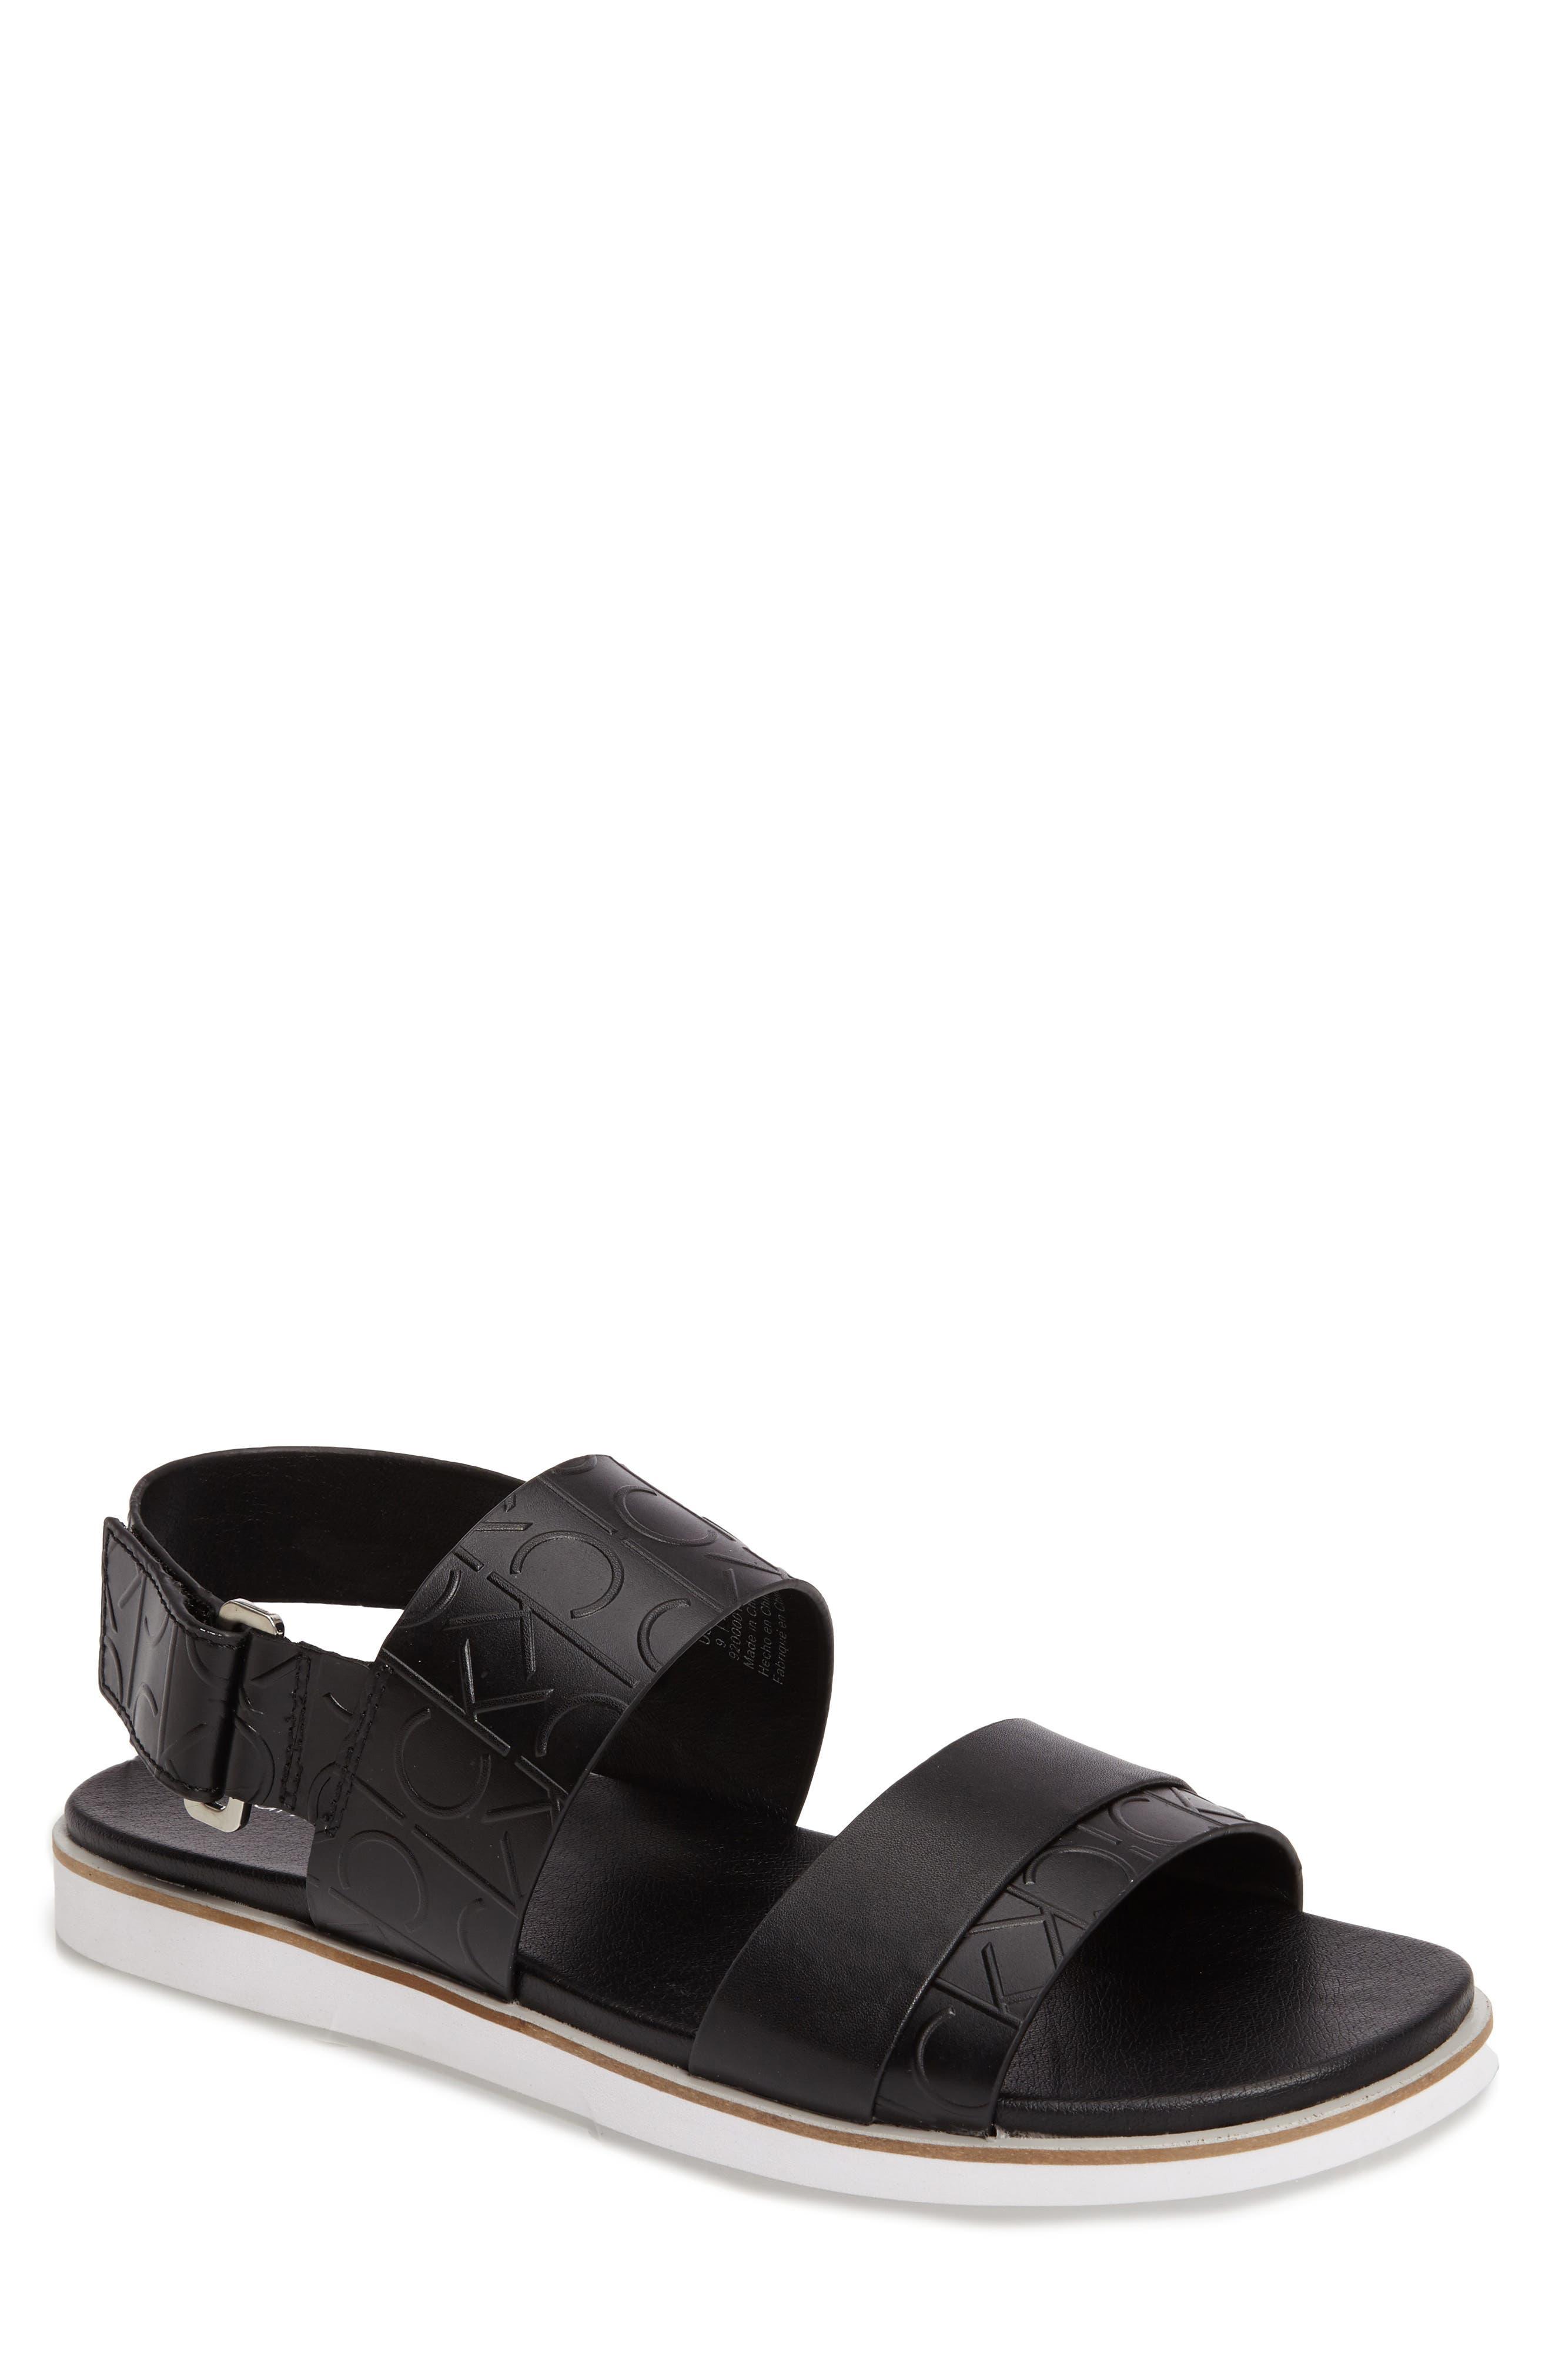 'Dex' Embossed Leather Sandal,                         Main,                         color, Black/Black